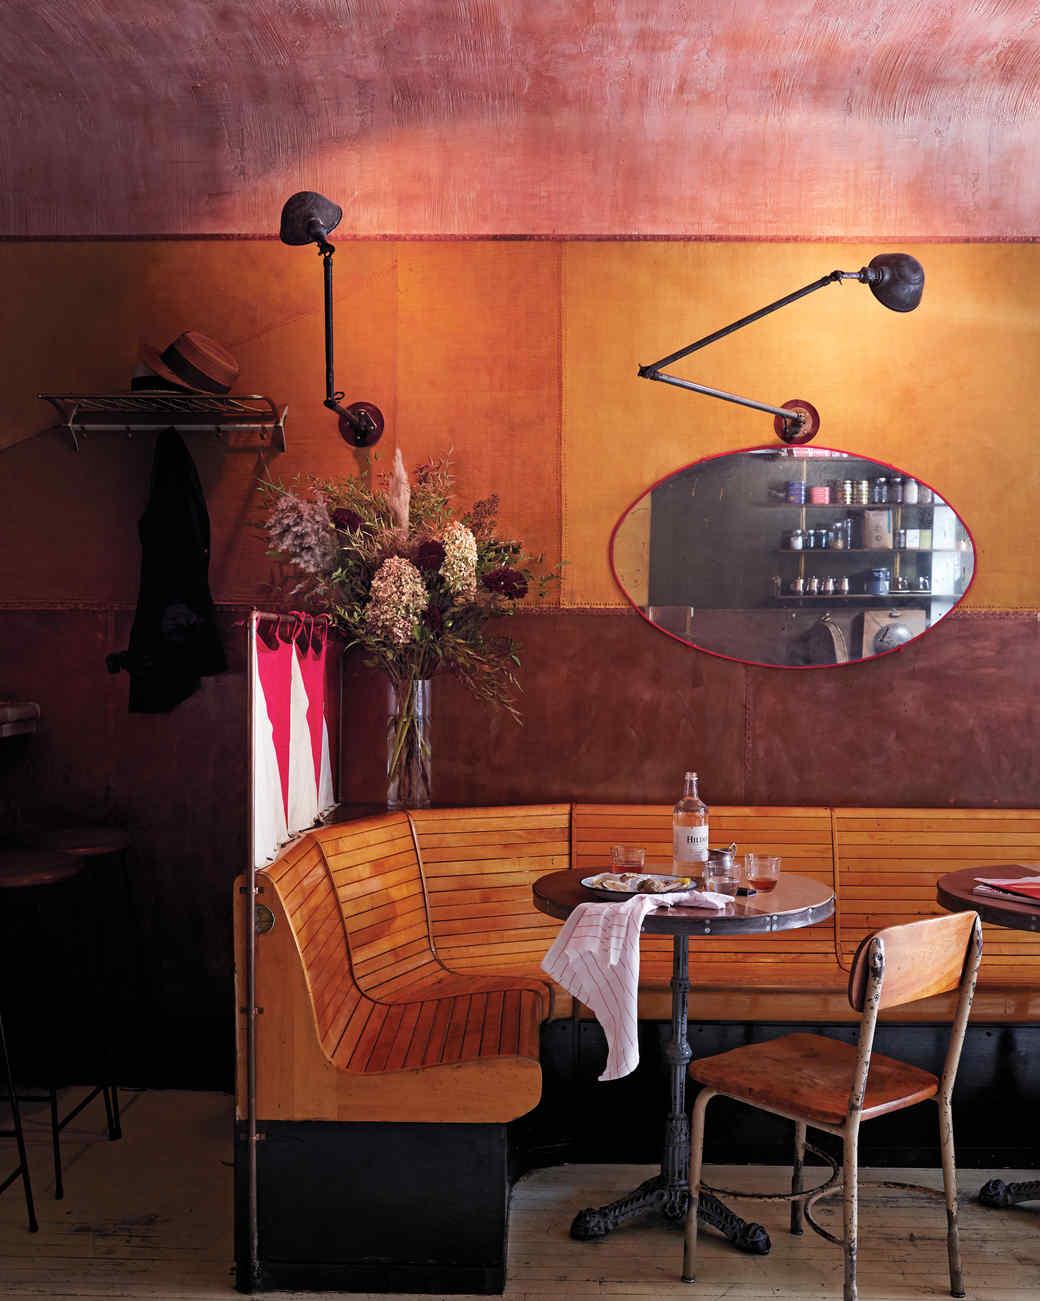 navy-restaurant-shot-6-interior-051-d111608-r.jpg